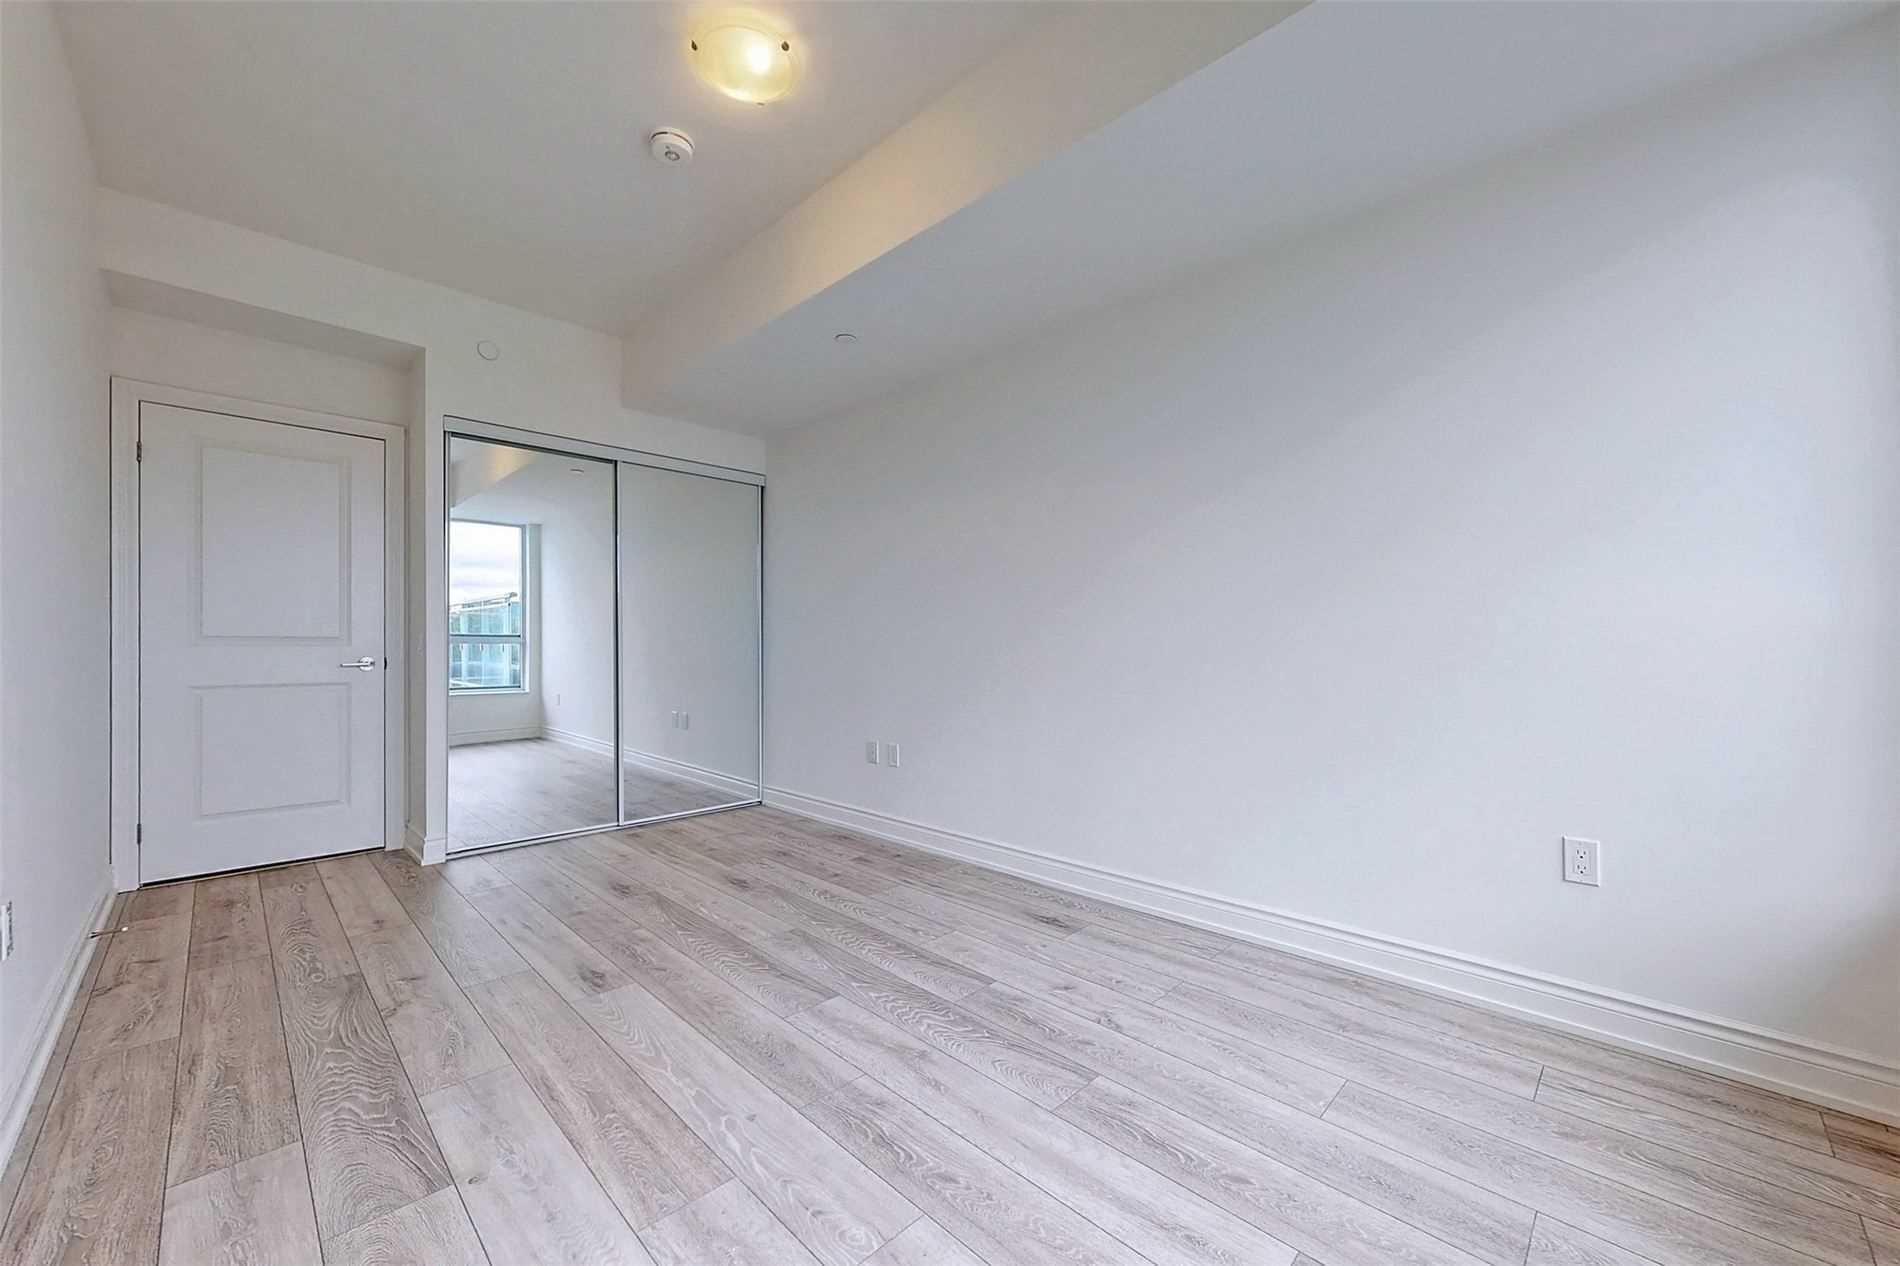 221 - 1050 Main St E - Dempsey Condo Apt for sale, 3 Bedrooms (W5398557) - #23